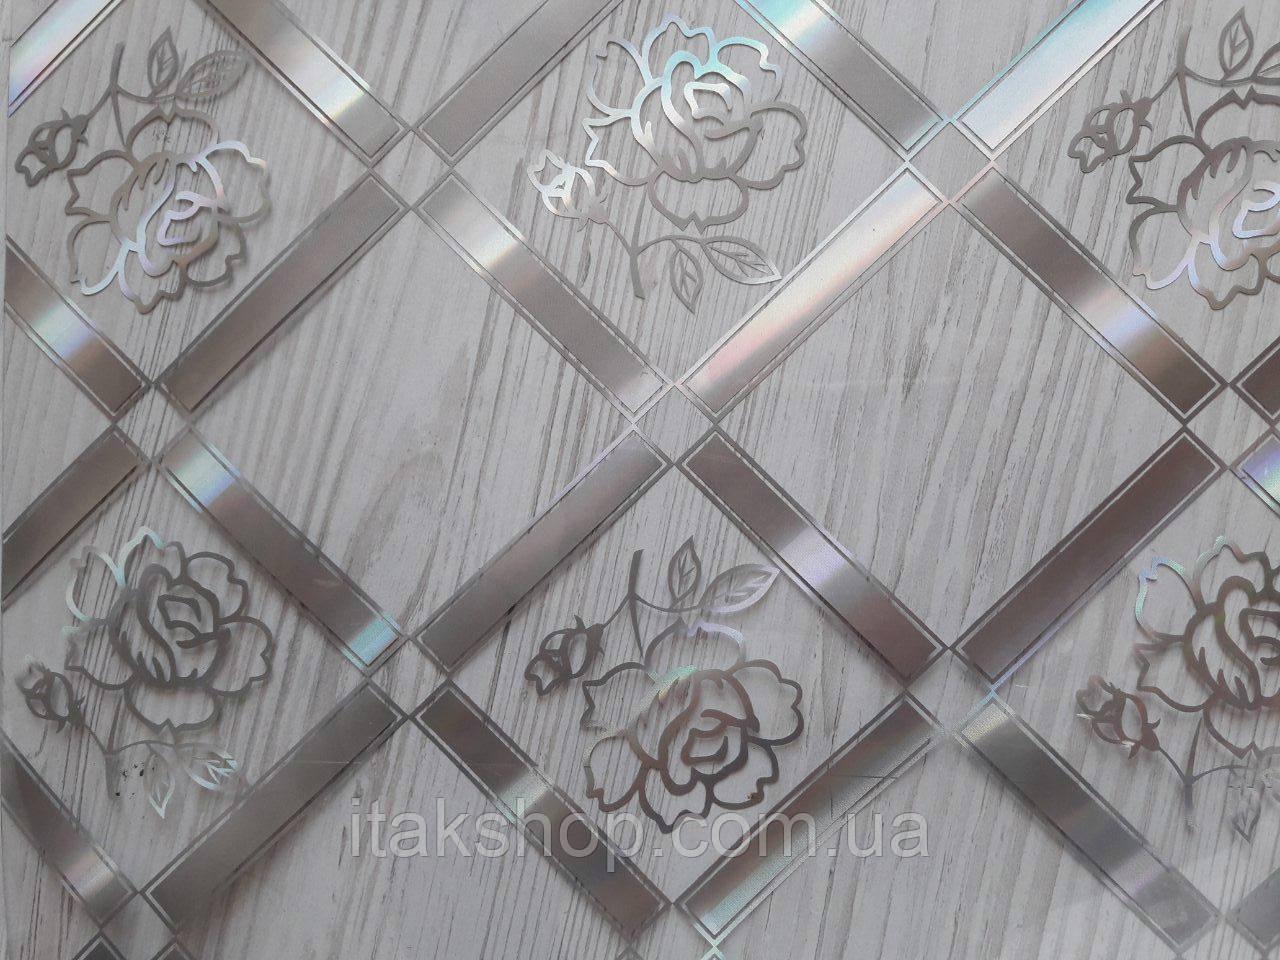 М'яке скло Скатертину з лазерним малюнком Soft Glass 1.5х0.8м товщина 1.5 мм Срібляста троянда в квадраті